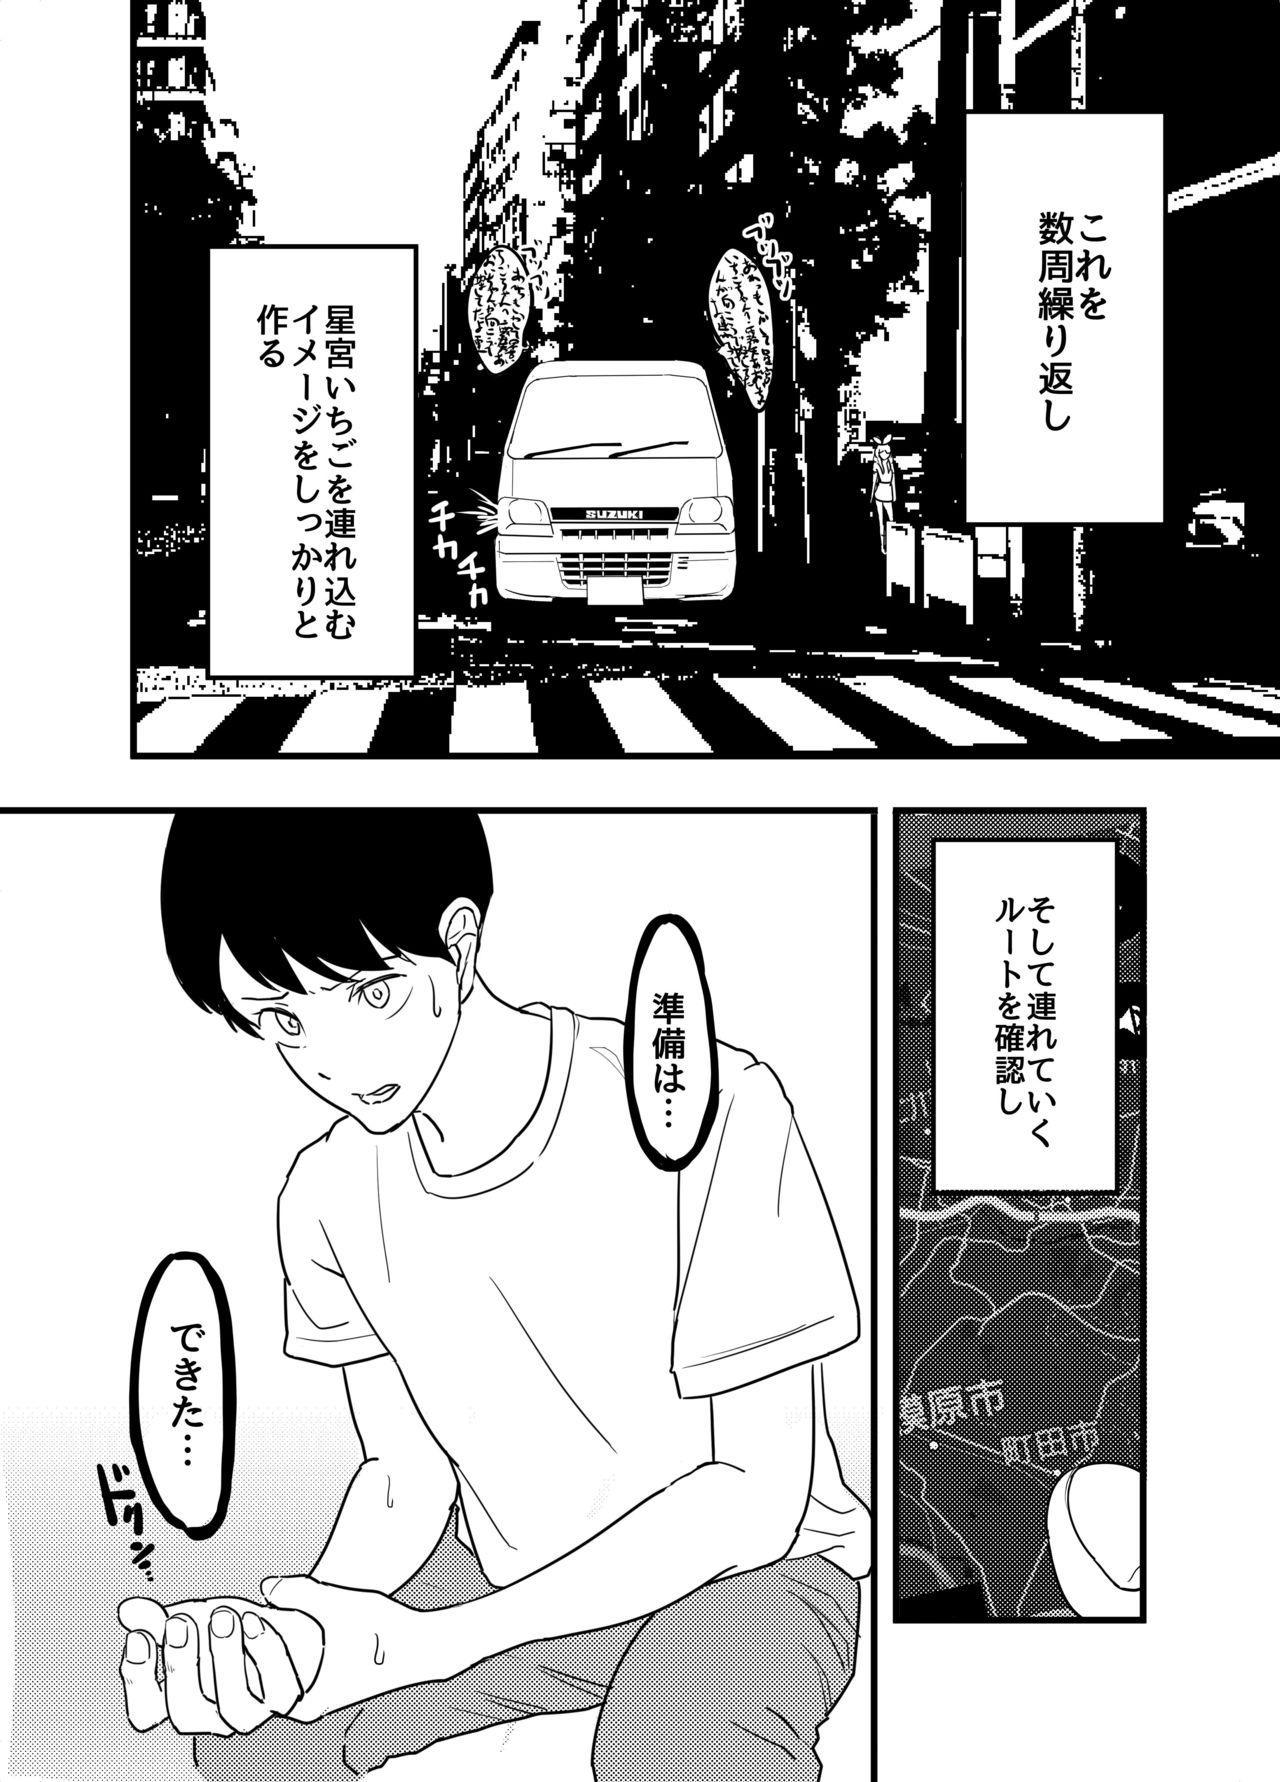 Hoshimiya Ichigo o Goukan Shite Boku wa Hoshi ni Naru. 35